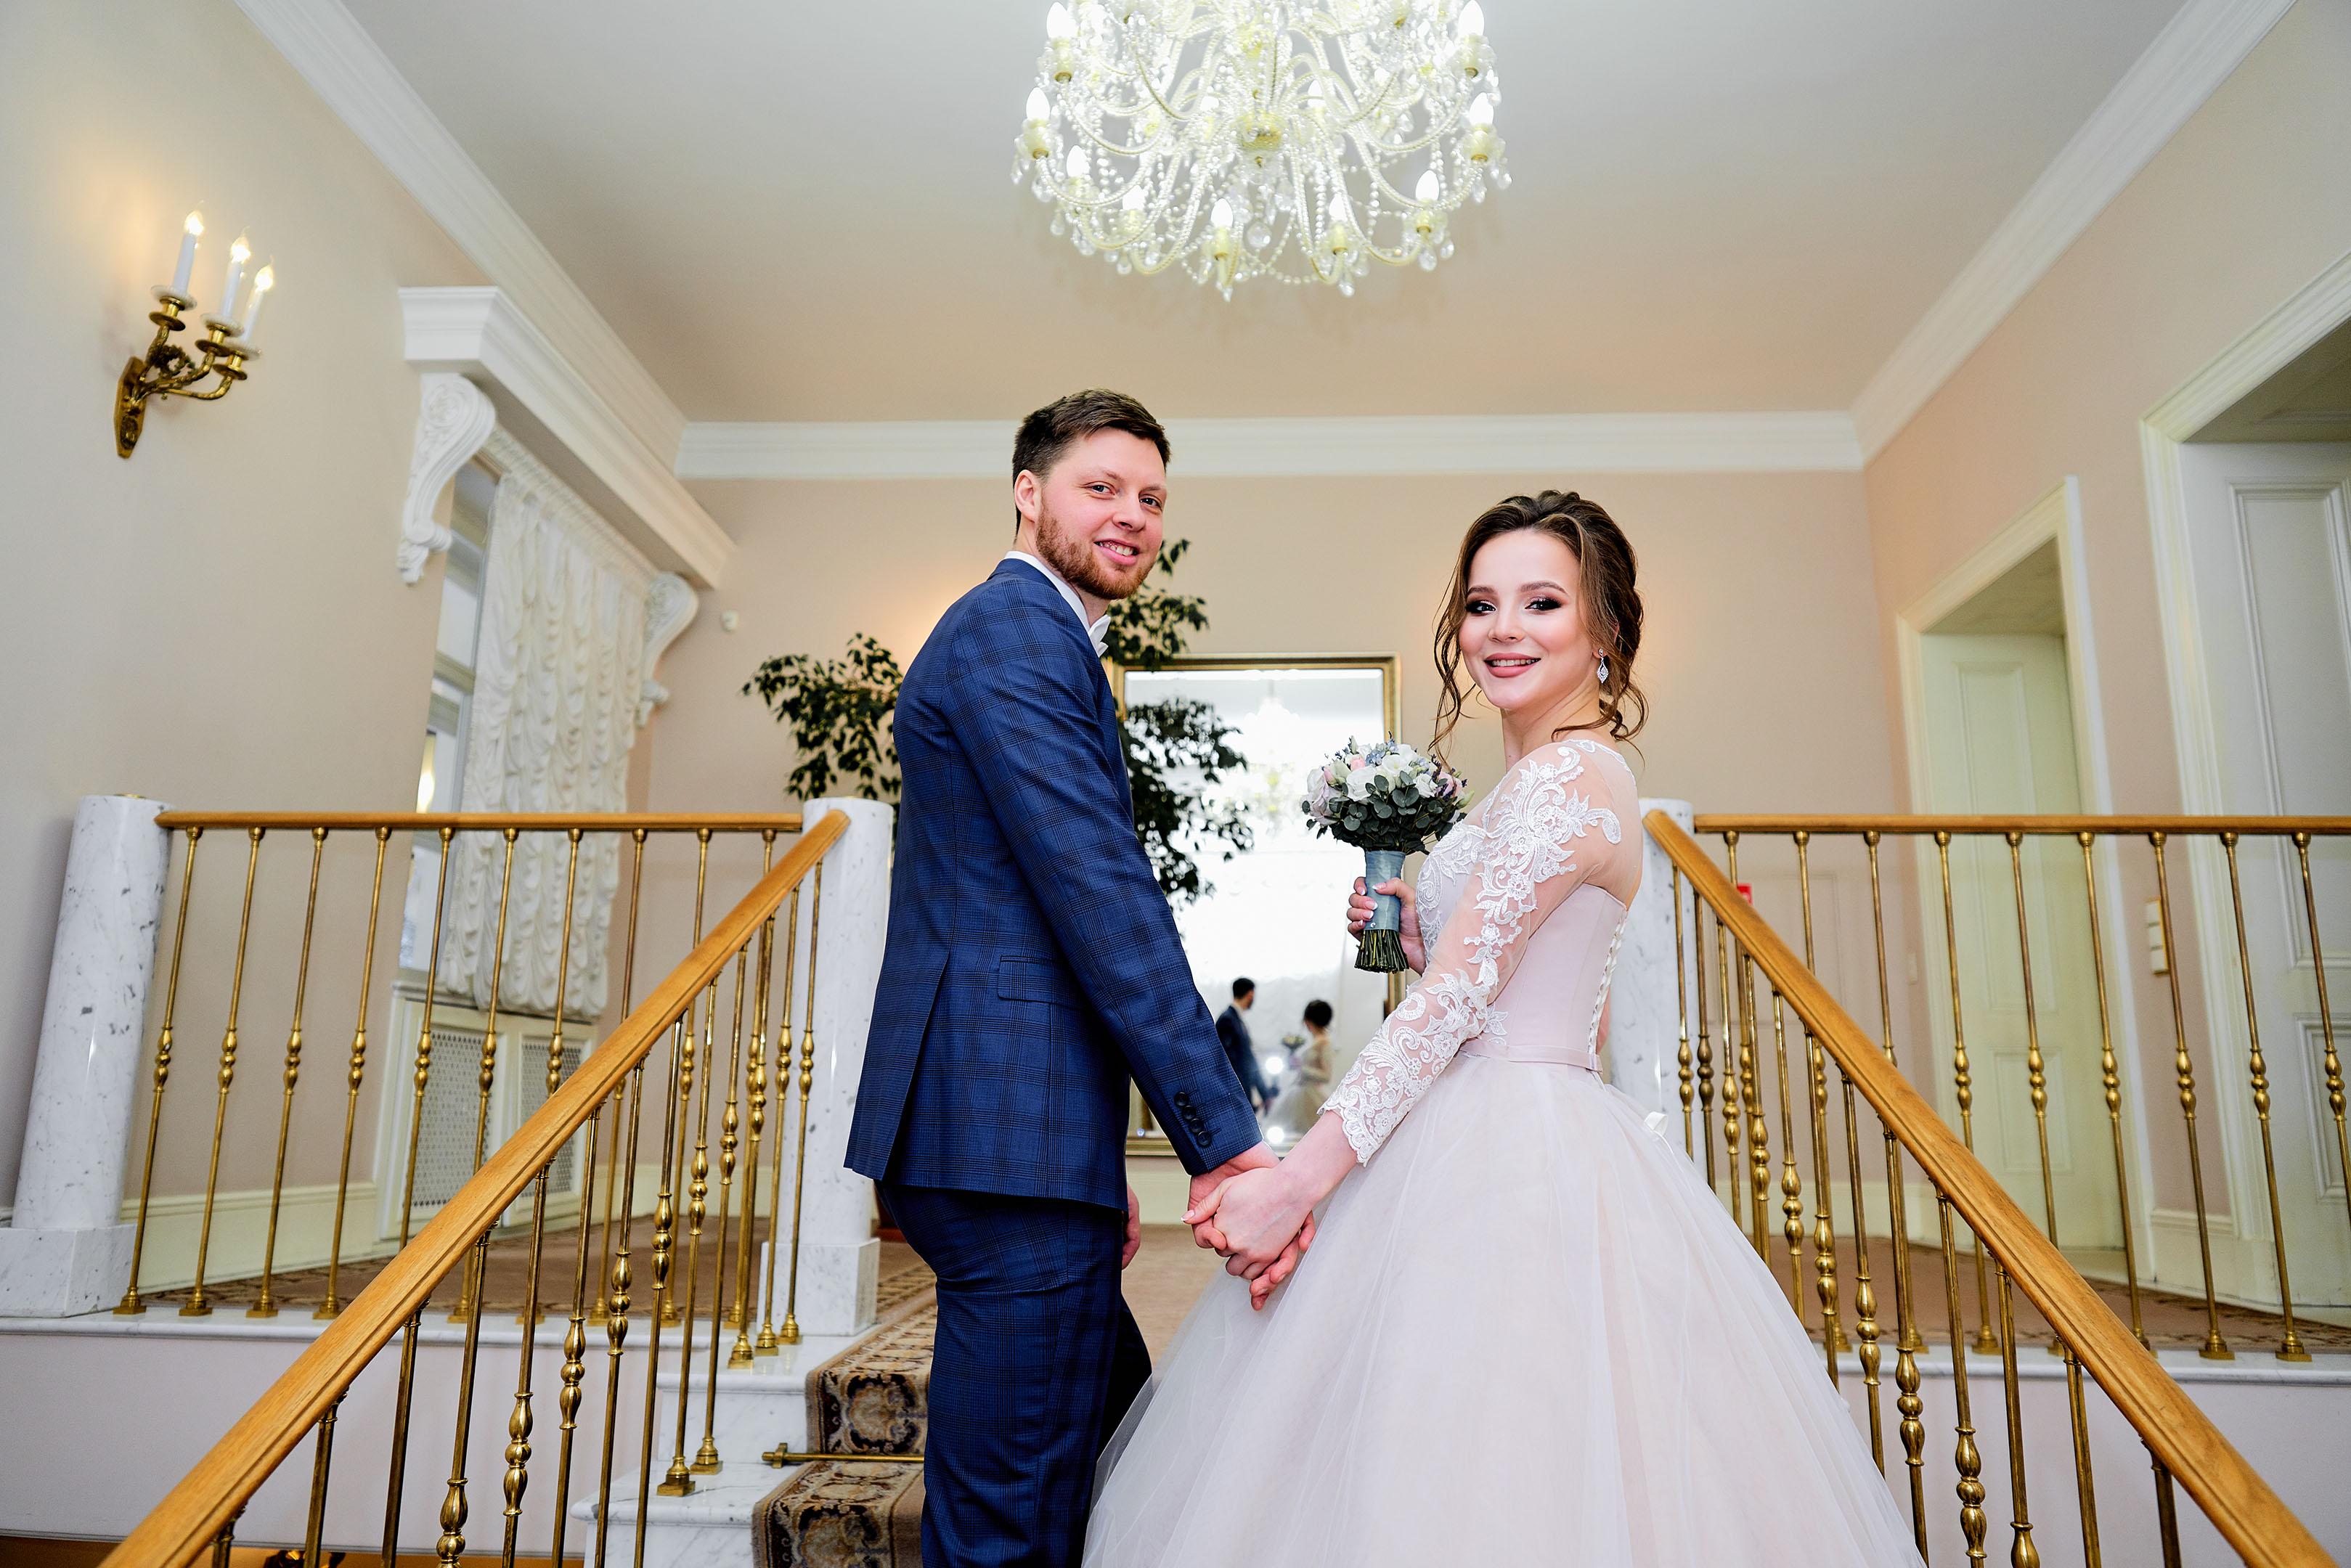 Фотосессия на главной лестнице, Дворец Бракосочетания №3, свадебный фотограф в Пушкине